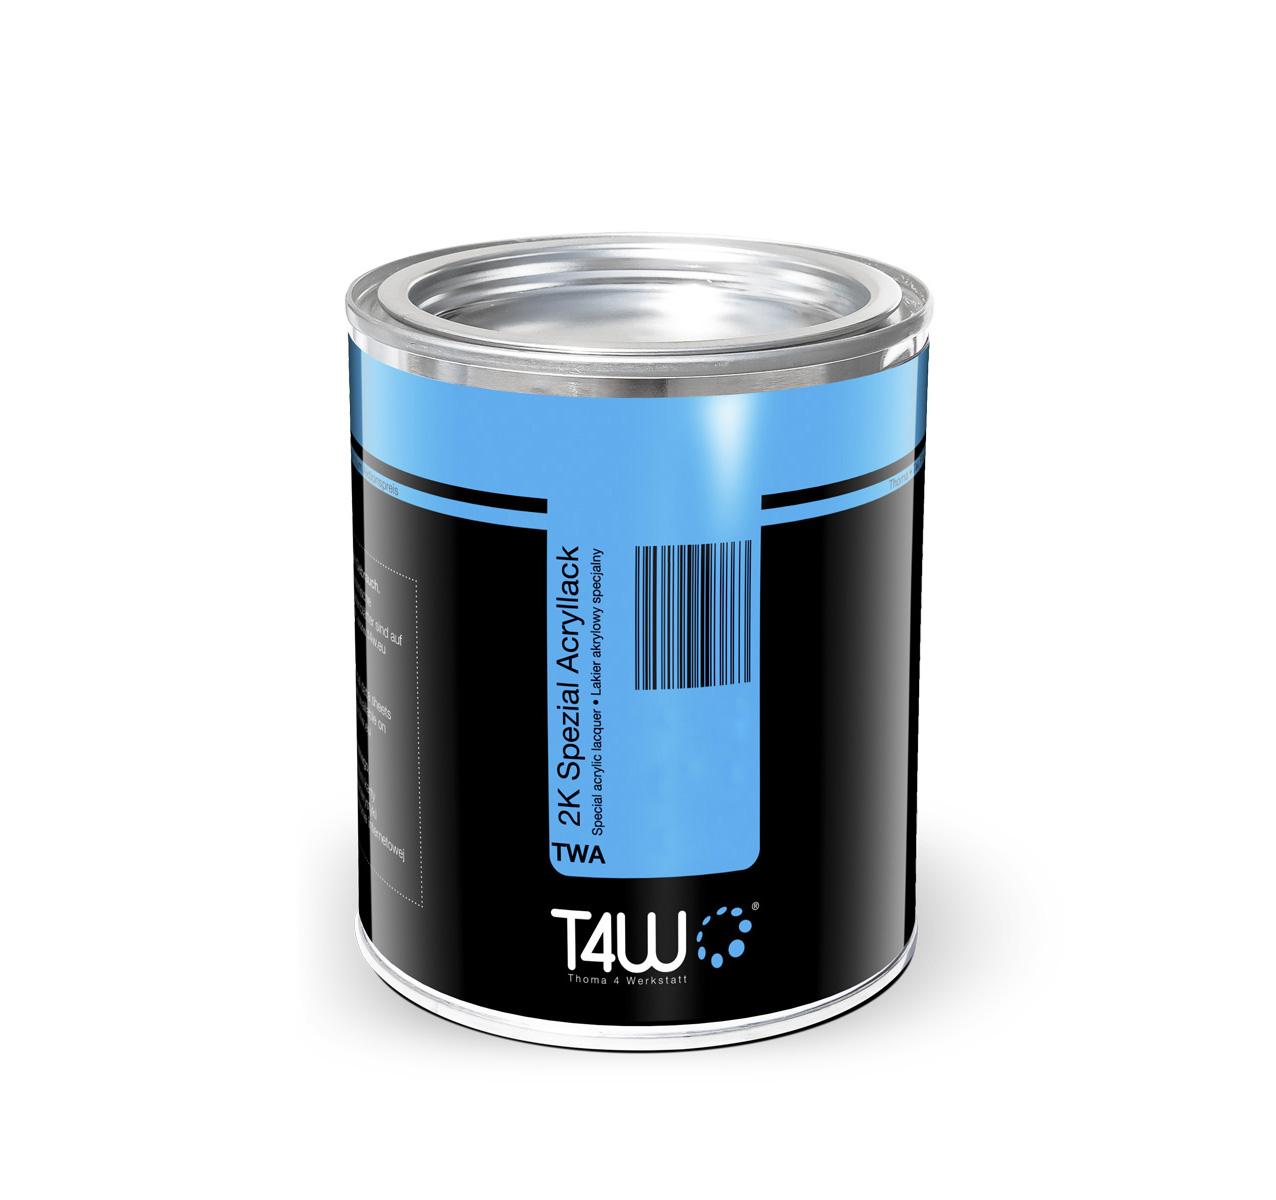 T4W Lakier akrylowy RAL 1003 ŻÓŁTY 5L